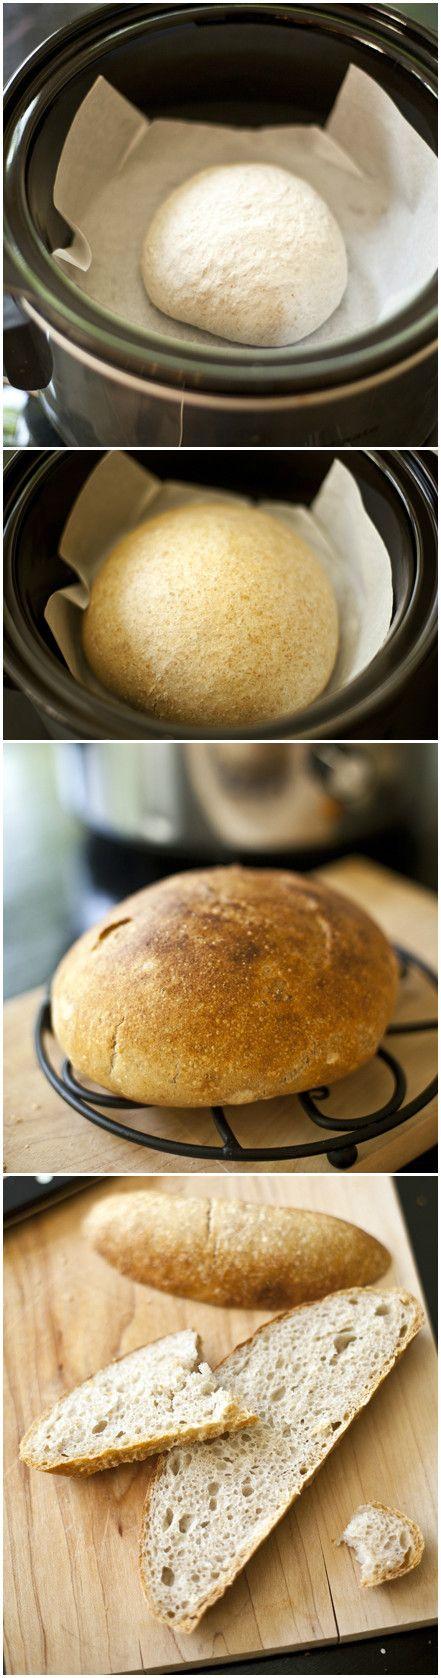 Pan hecho en una olla de cocción lenta.